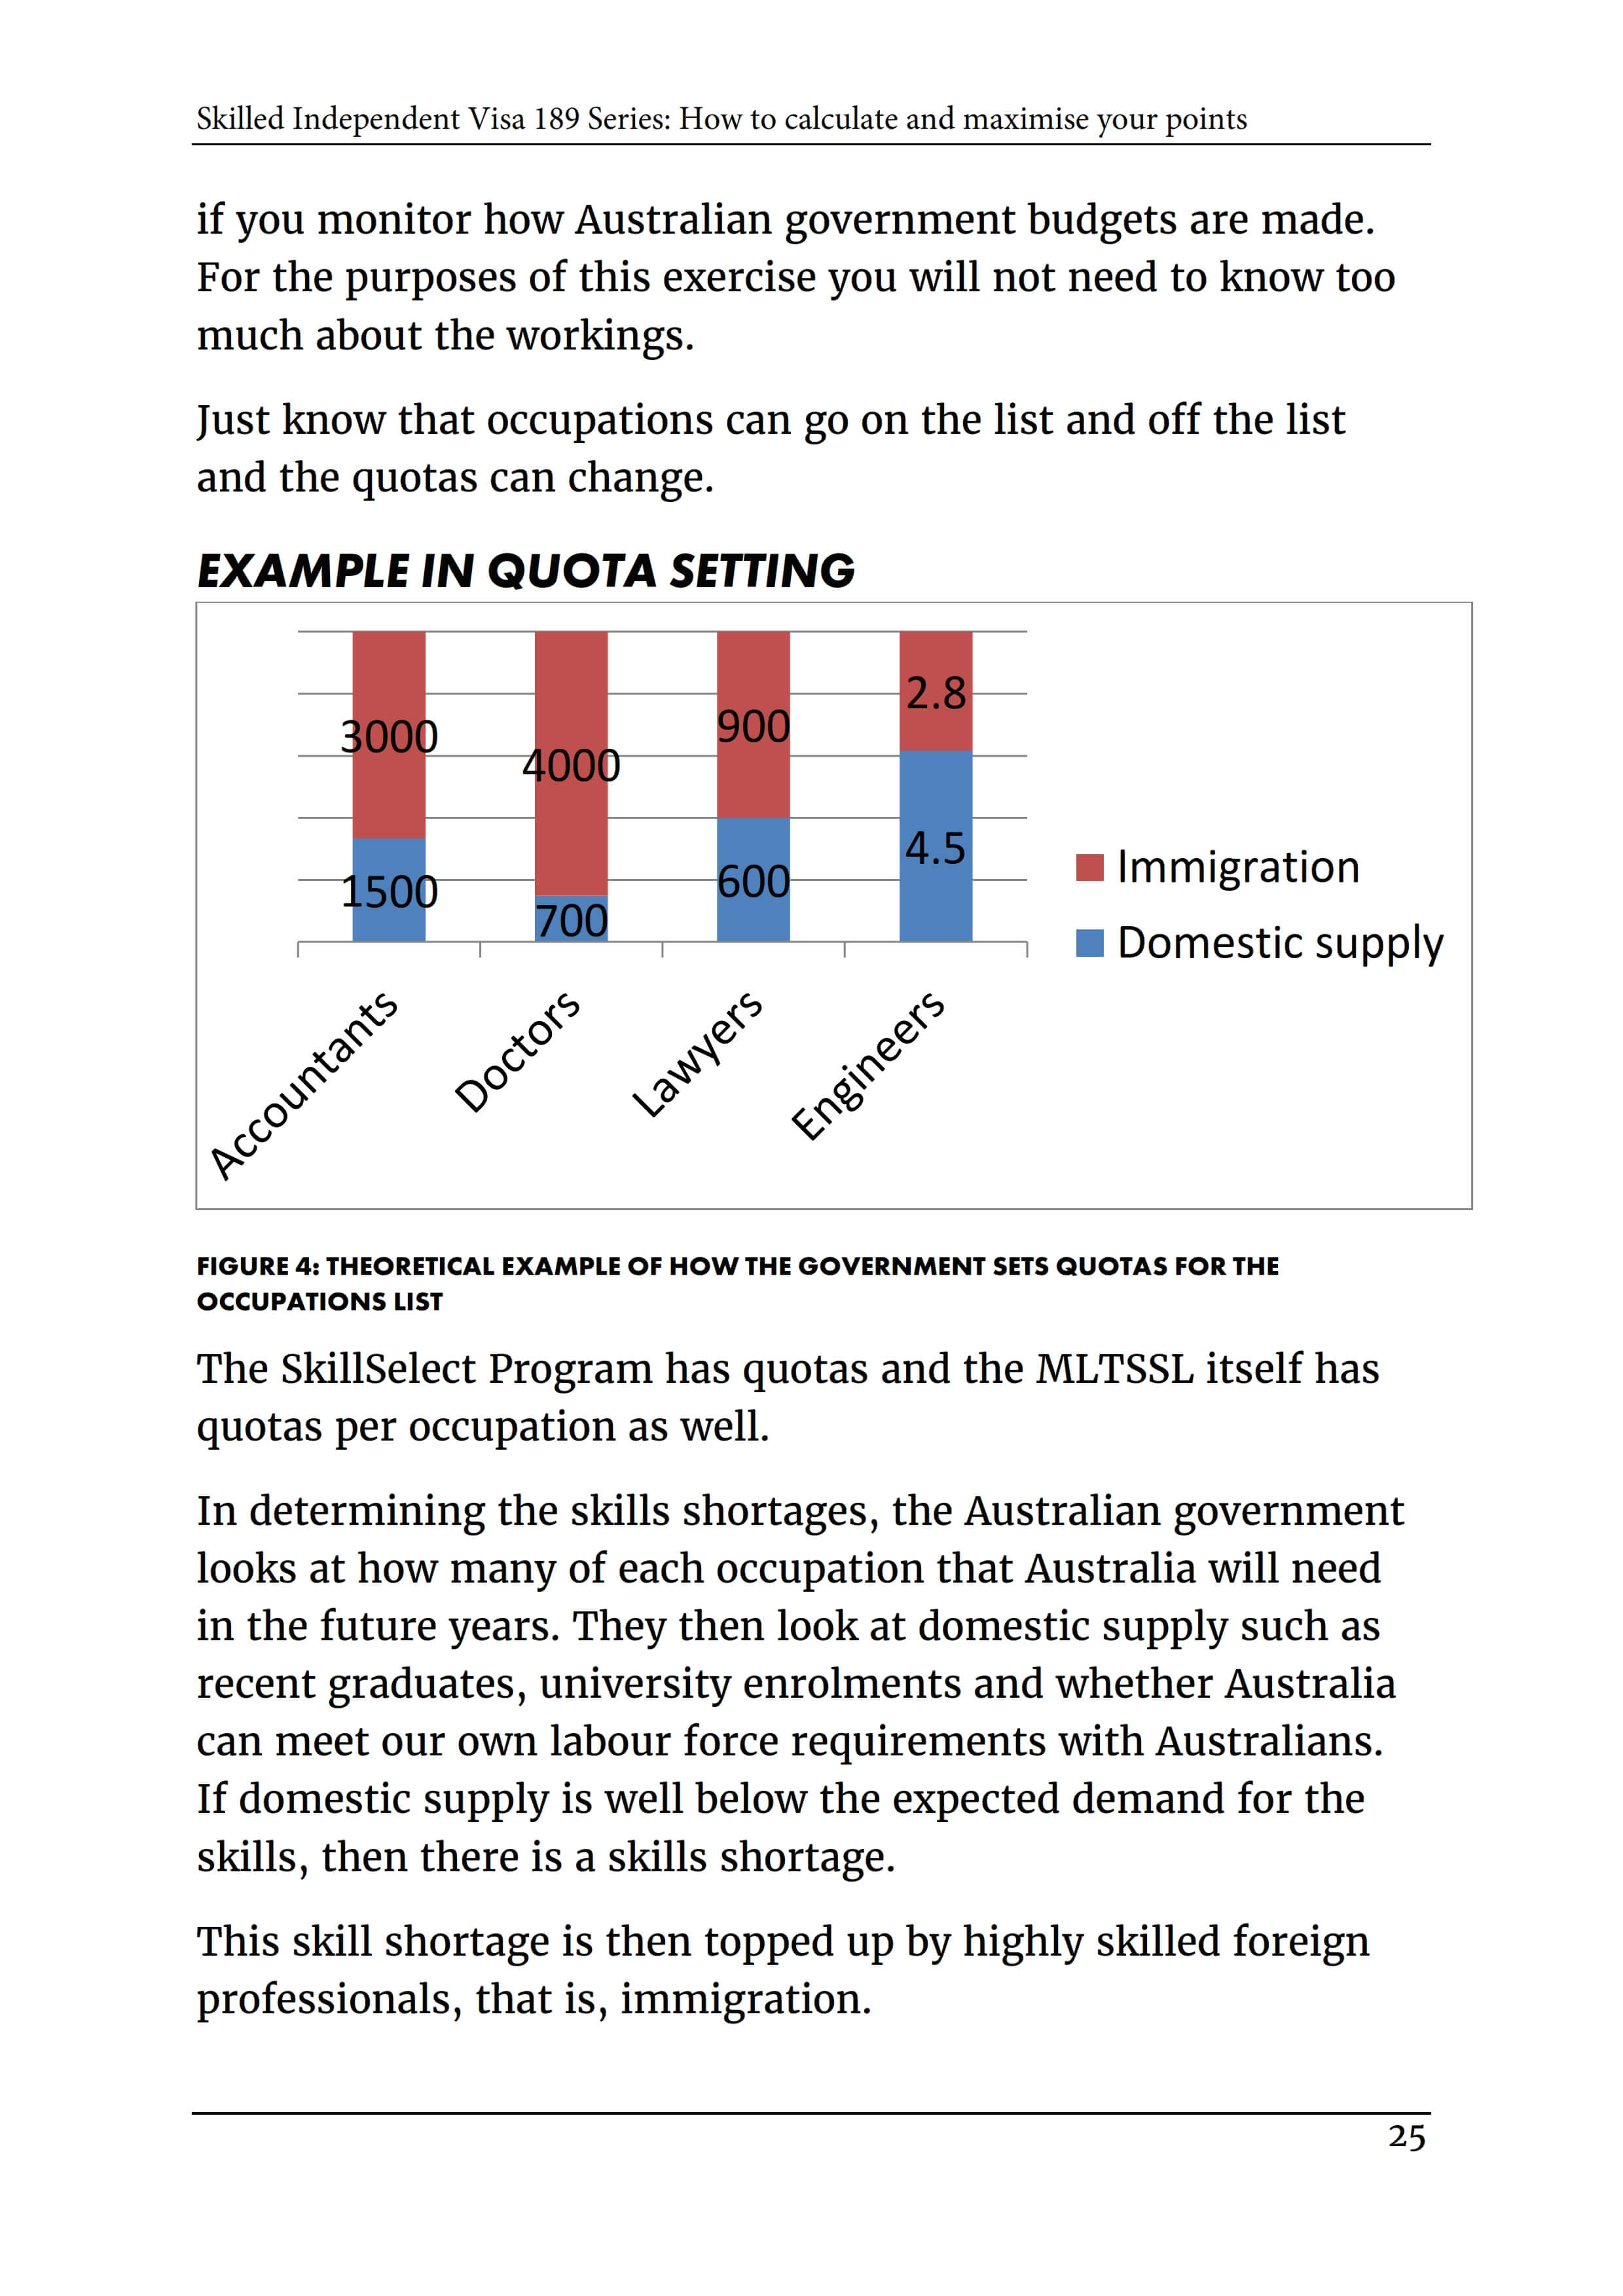 2_Skilled Independent Visa 189 - POINTS TEST [2019]_P26